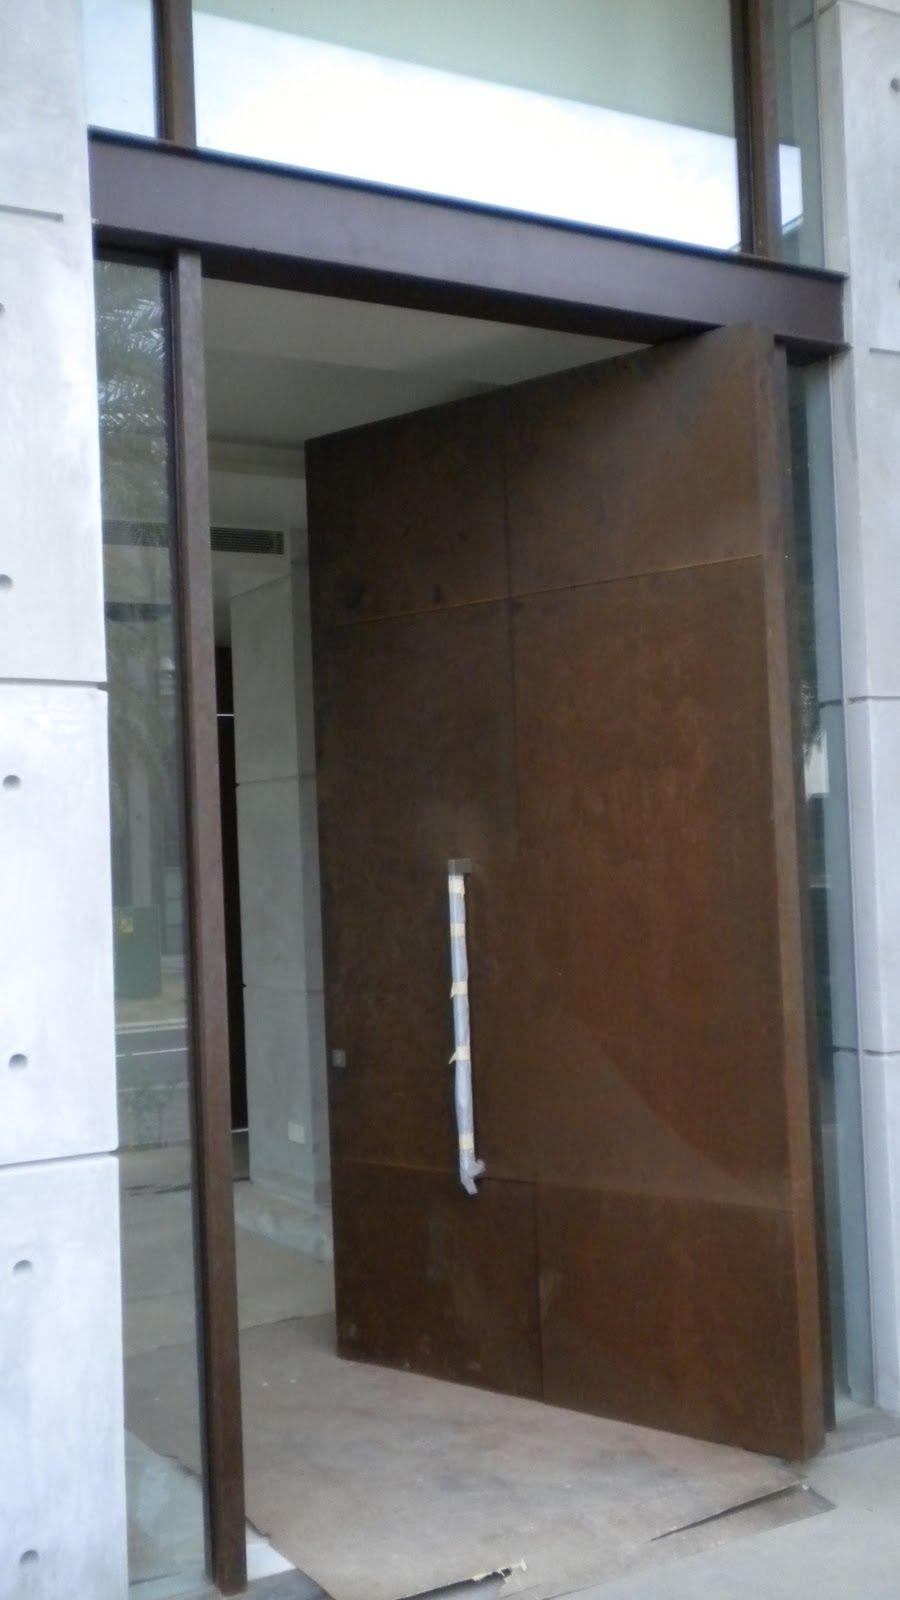 Corten Steel Designs And Engineering: Corten Doors And Wall By Newport